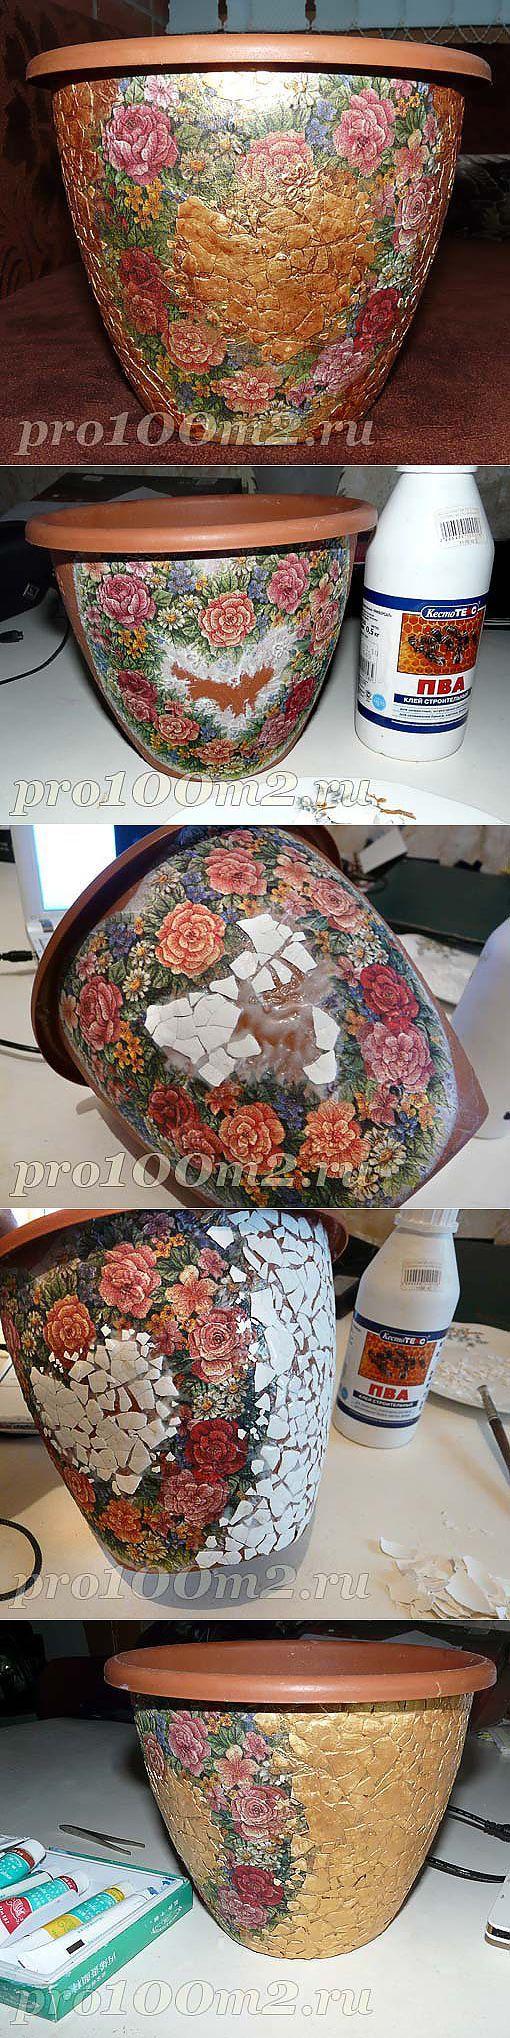 Красивый цветочный горшок. Декупаж и мозаика из яичной скорлупы   Умелые ручки   интерьер   Постила